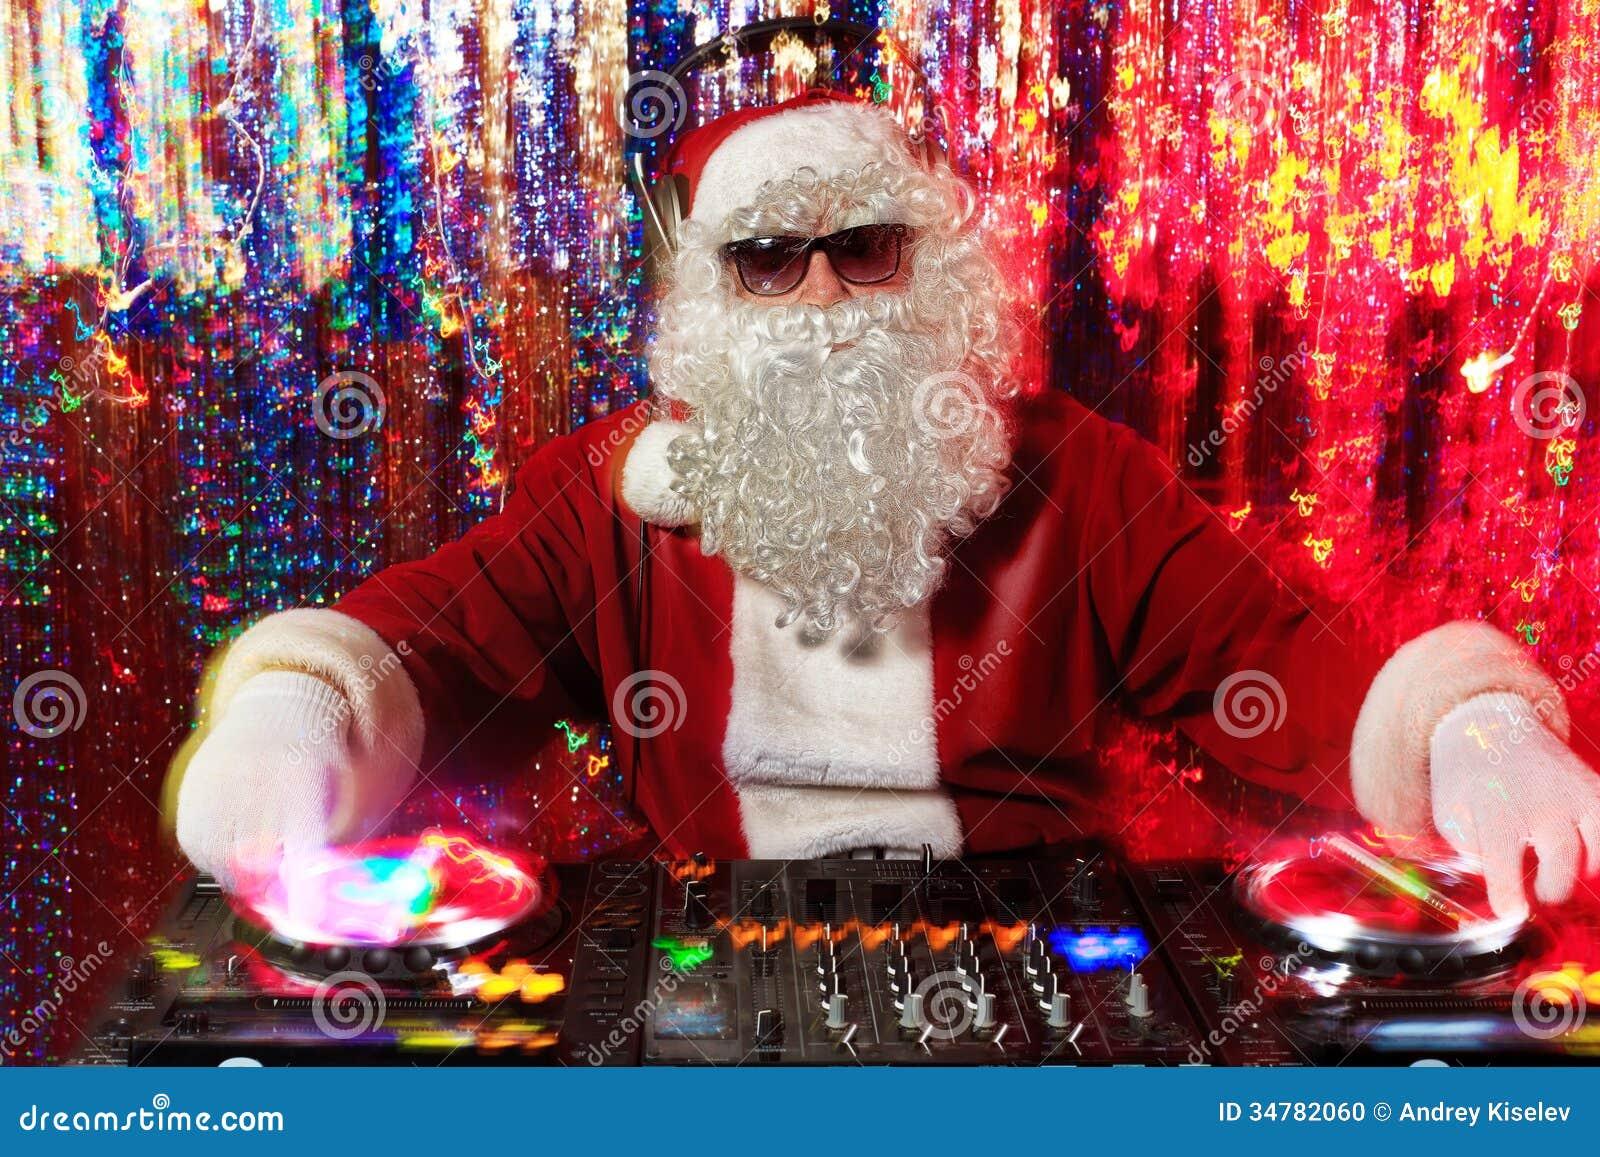 Roll Of Christmas Lights